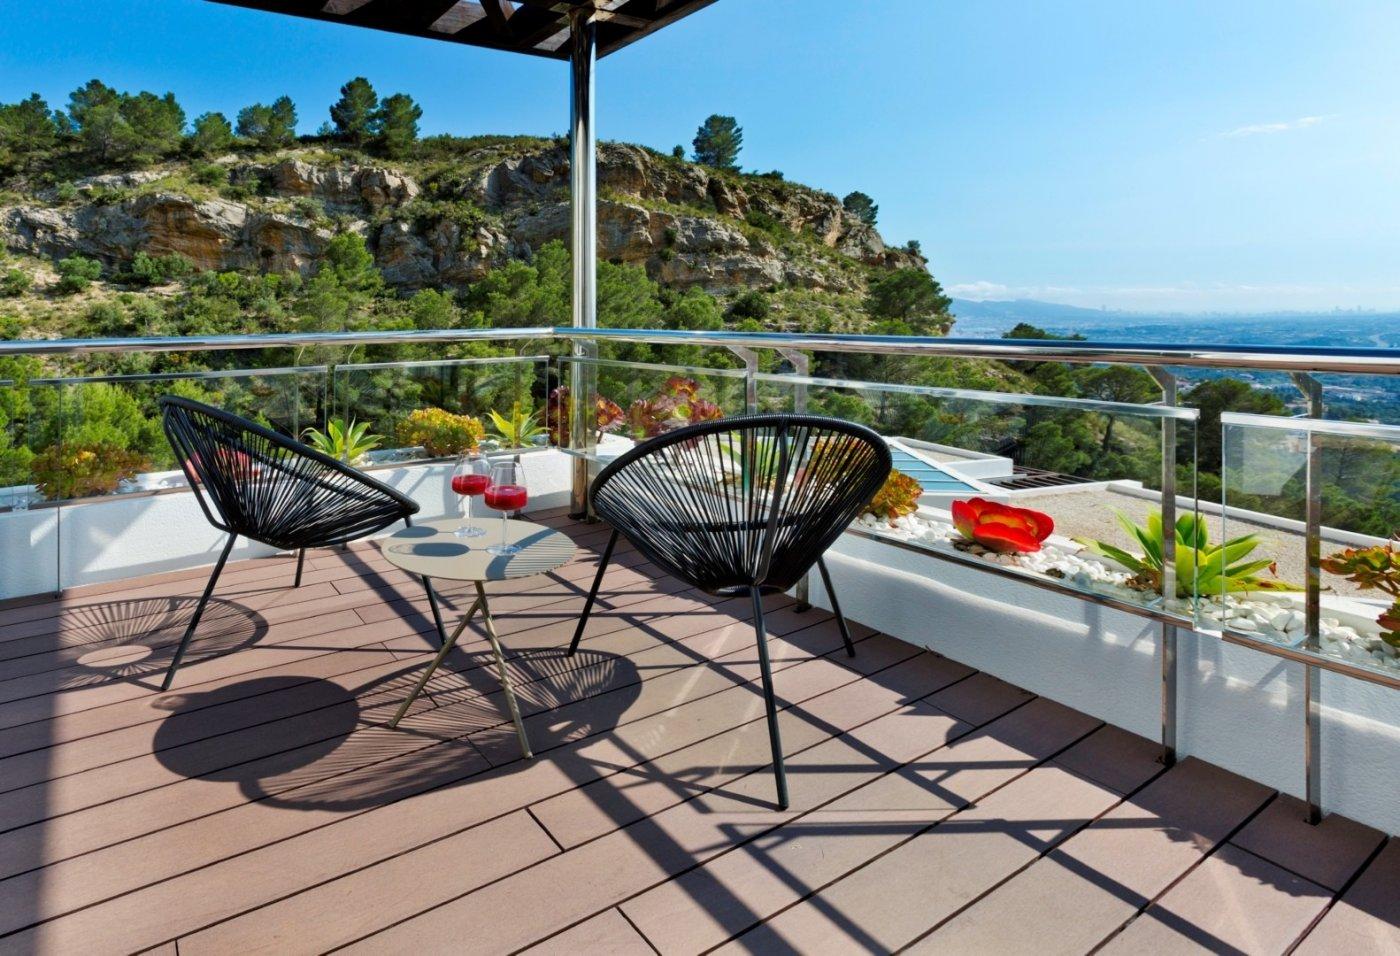 Villa de obra nueva en altea con vistas al mar!!! - imagenInmueble0